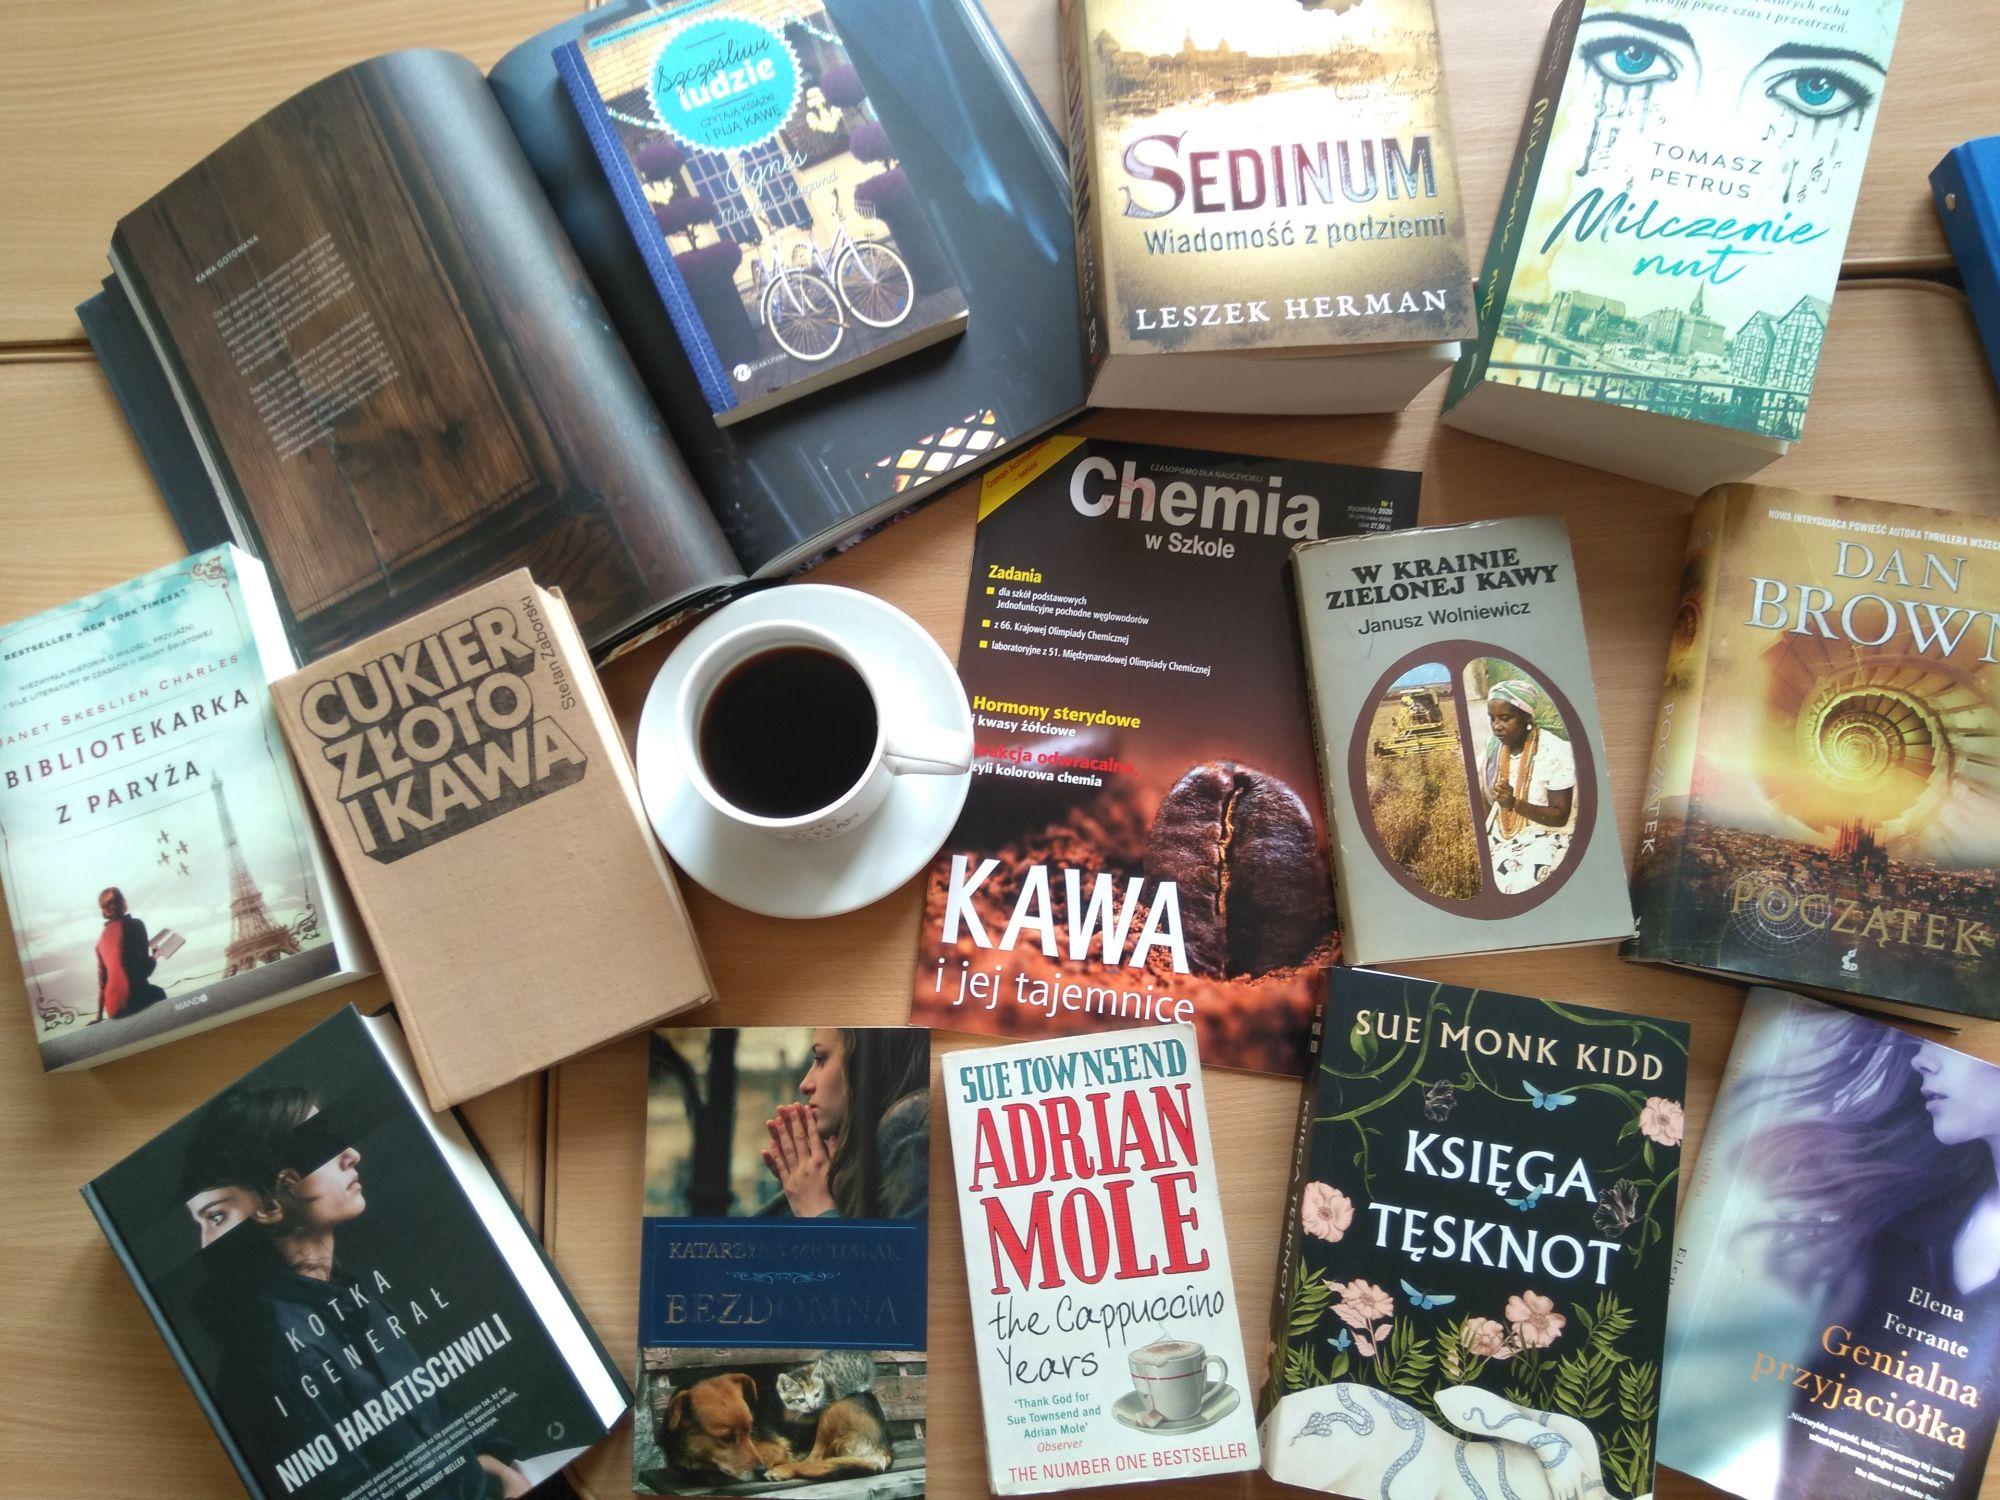 Okładki książek rozłożone na stole wokół kawy w filiżance.